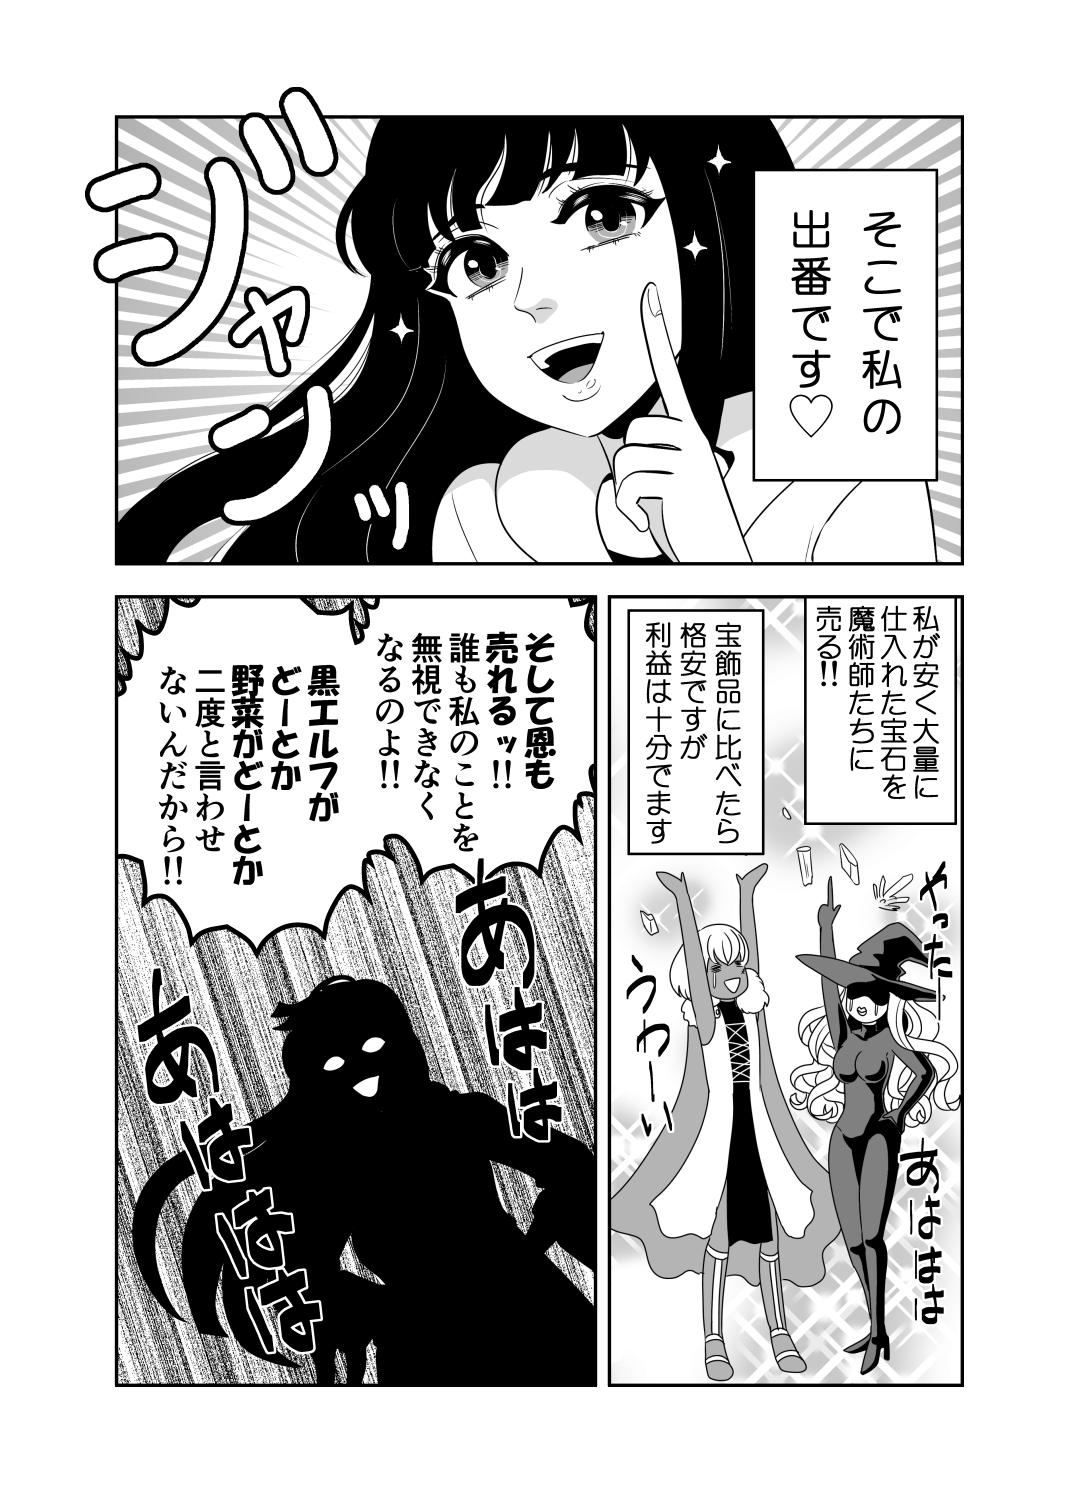 ヤサグレ魔女3ヤサグレ魔女と蛇少年と宝石男0008